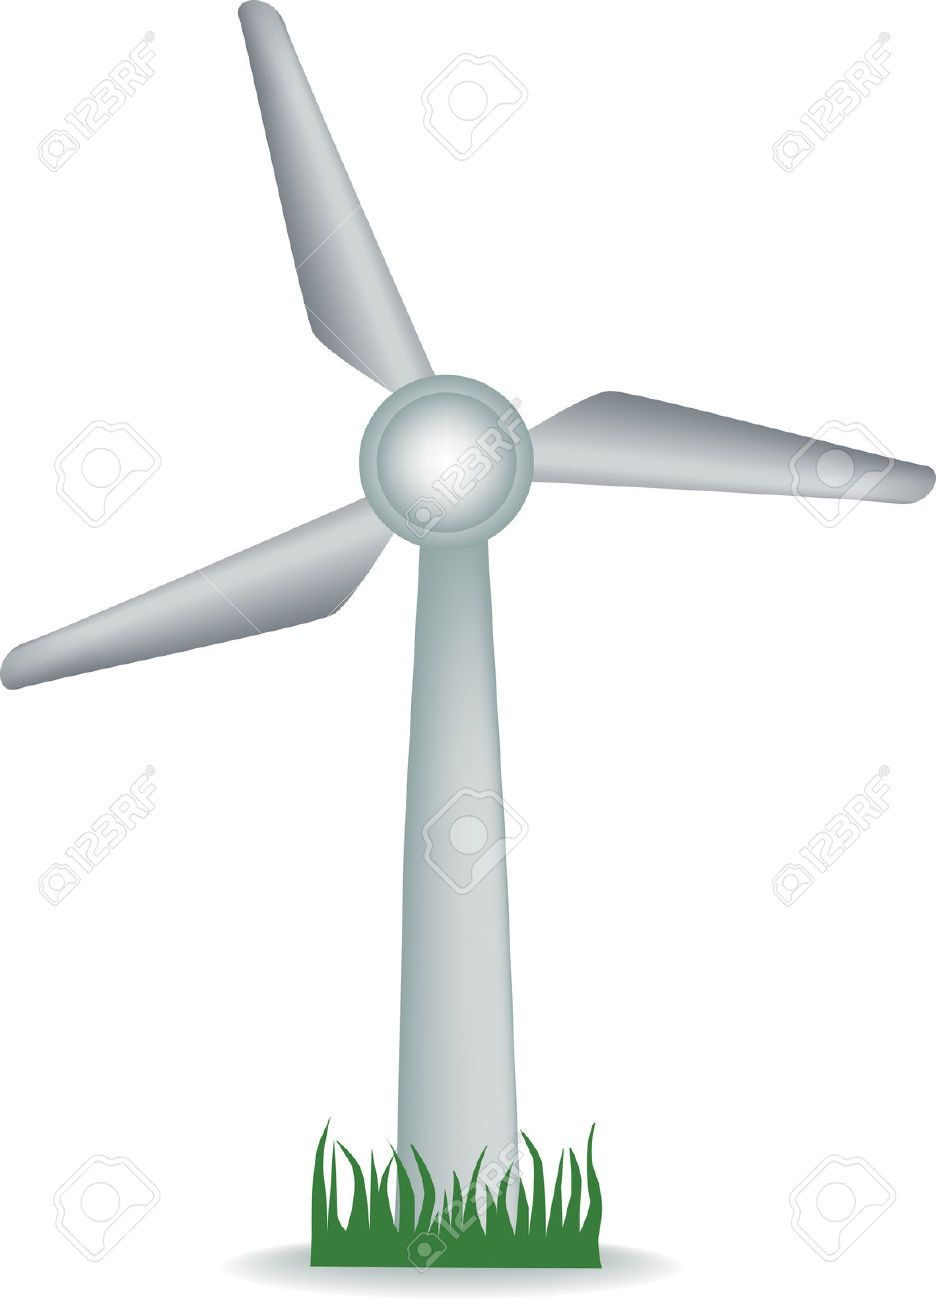 Windmill blades clipart